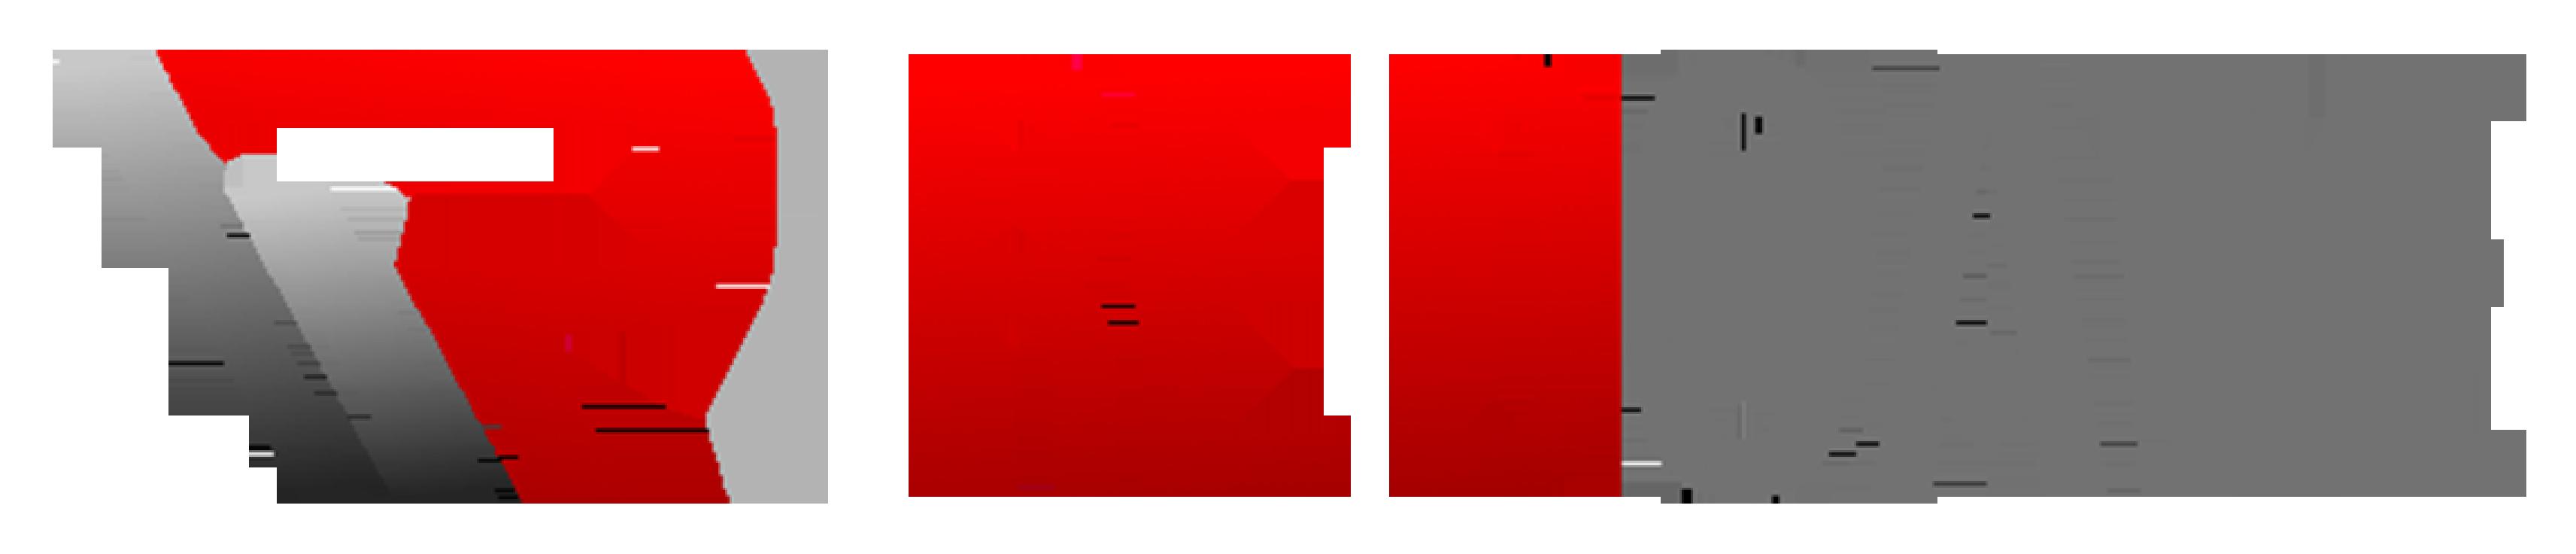 Redgate / Mimari Stand